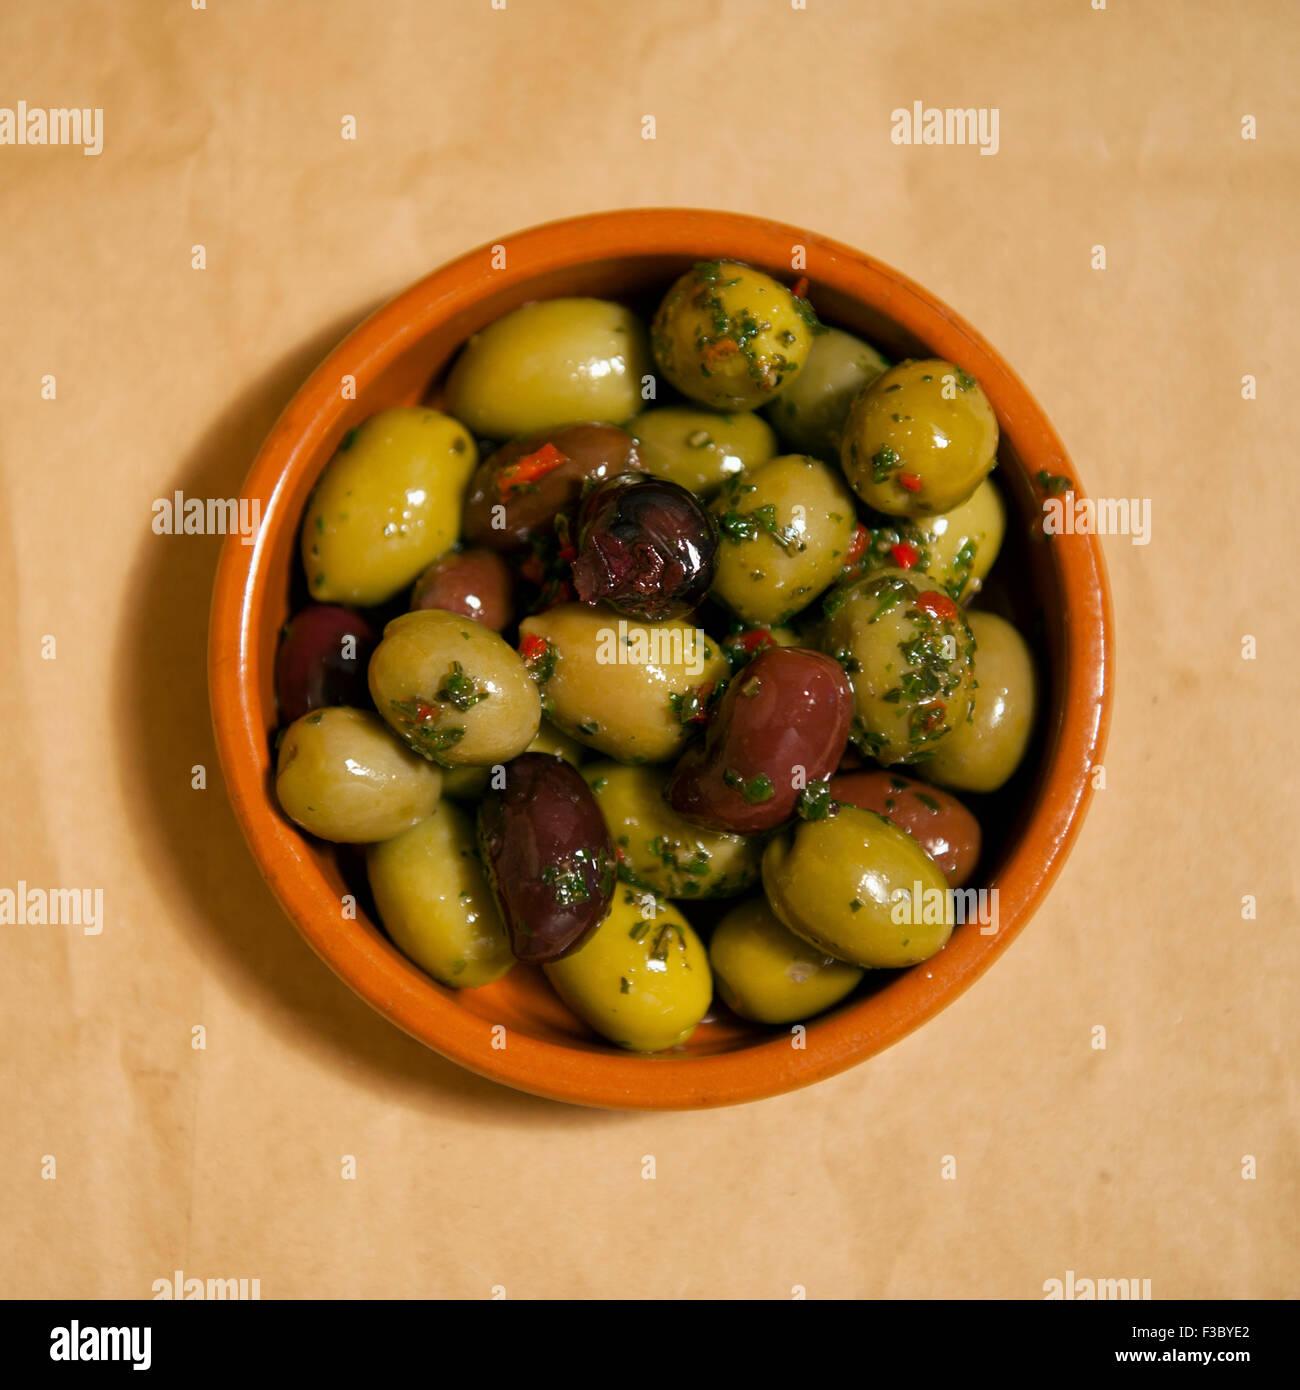 Vista aerea di una piccola ciotola di olive miste Immagini Stock